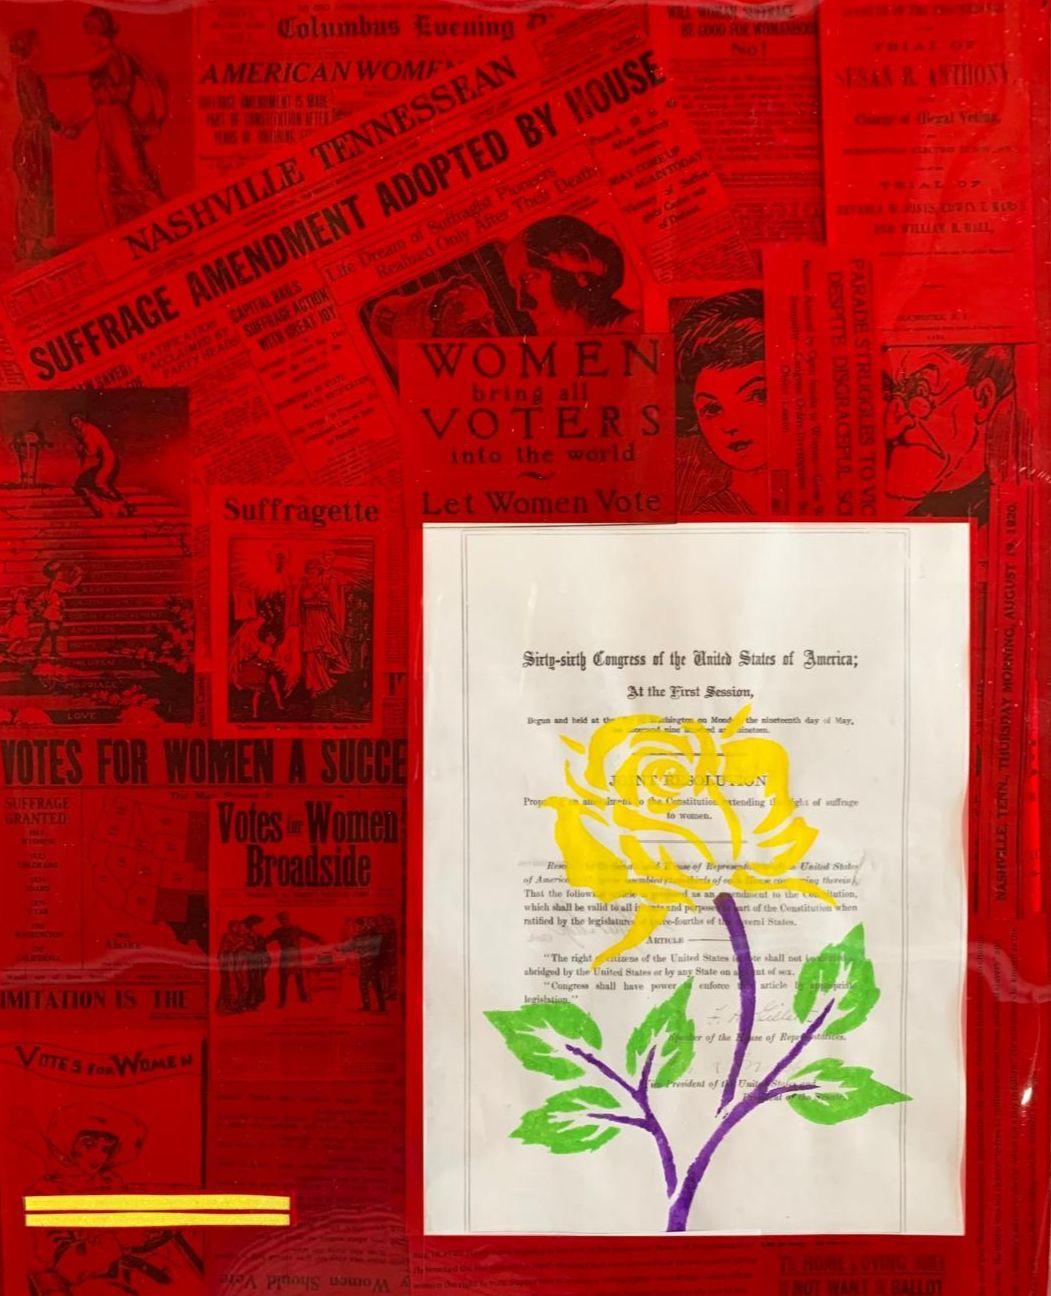 19th Amendment, The War of the Roses Art Exhibit